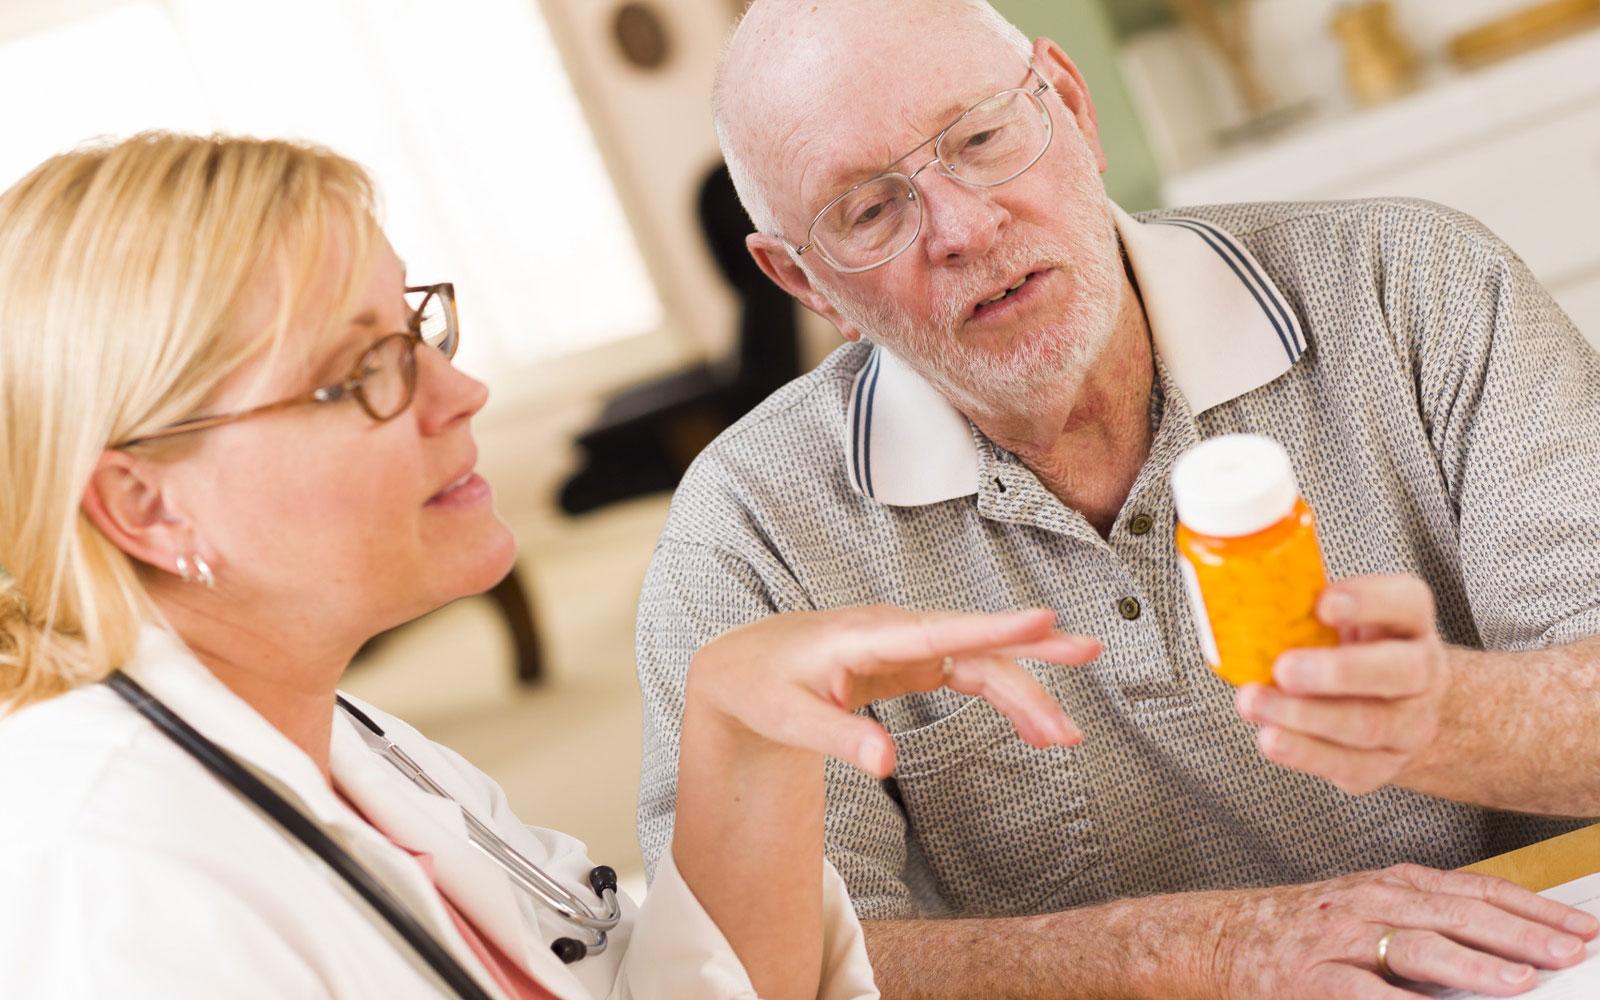 Лечение панкреатита осуществляется под контролем врача